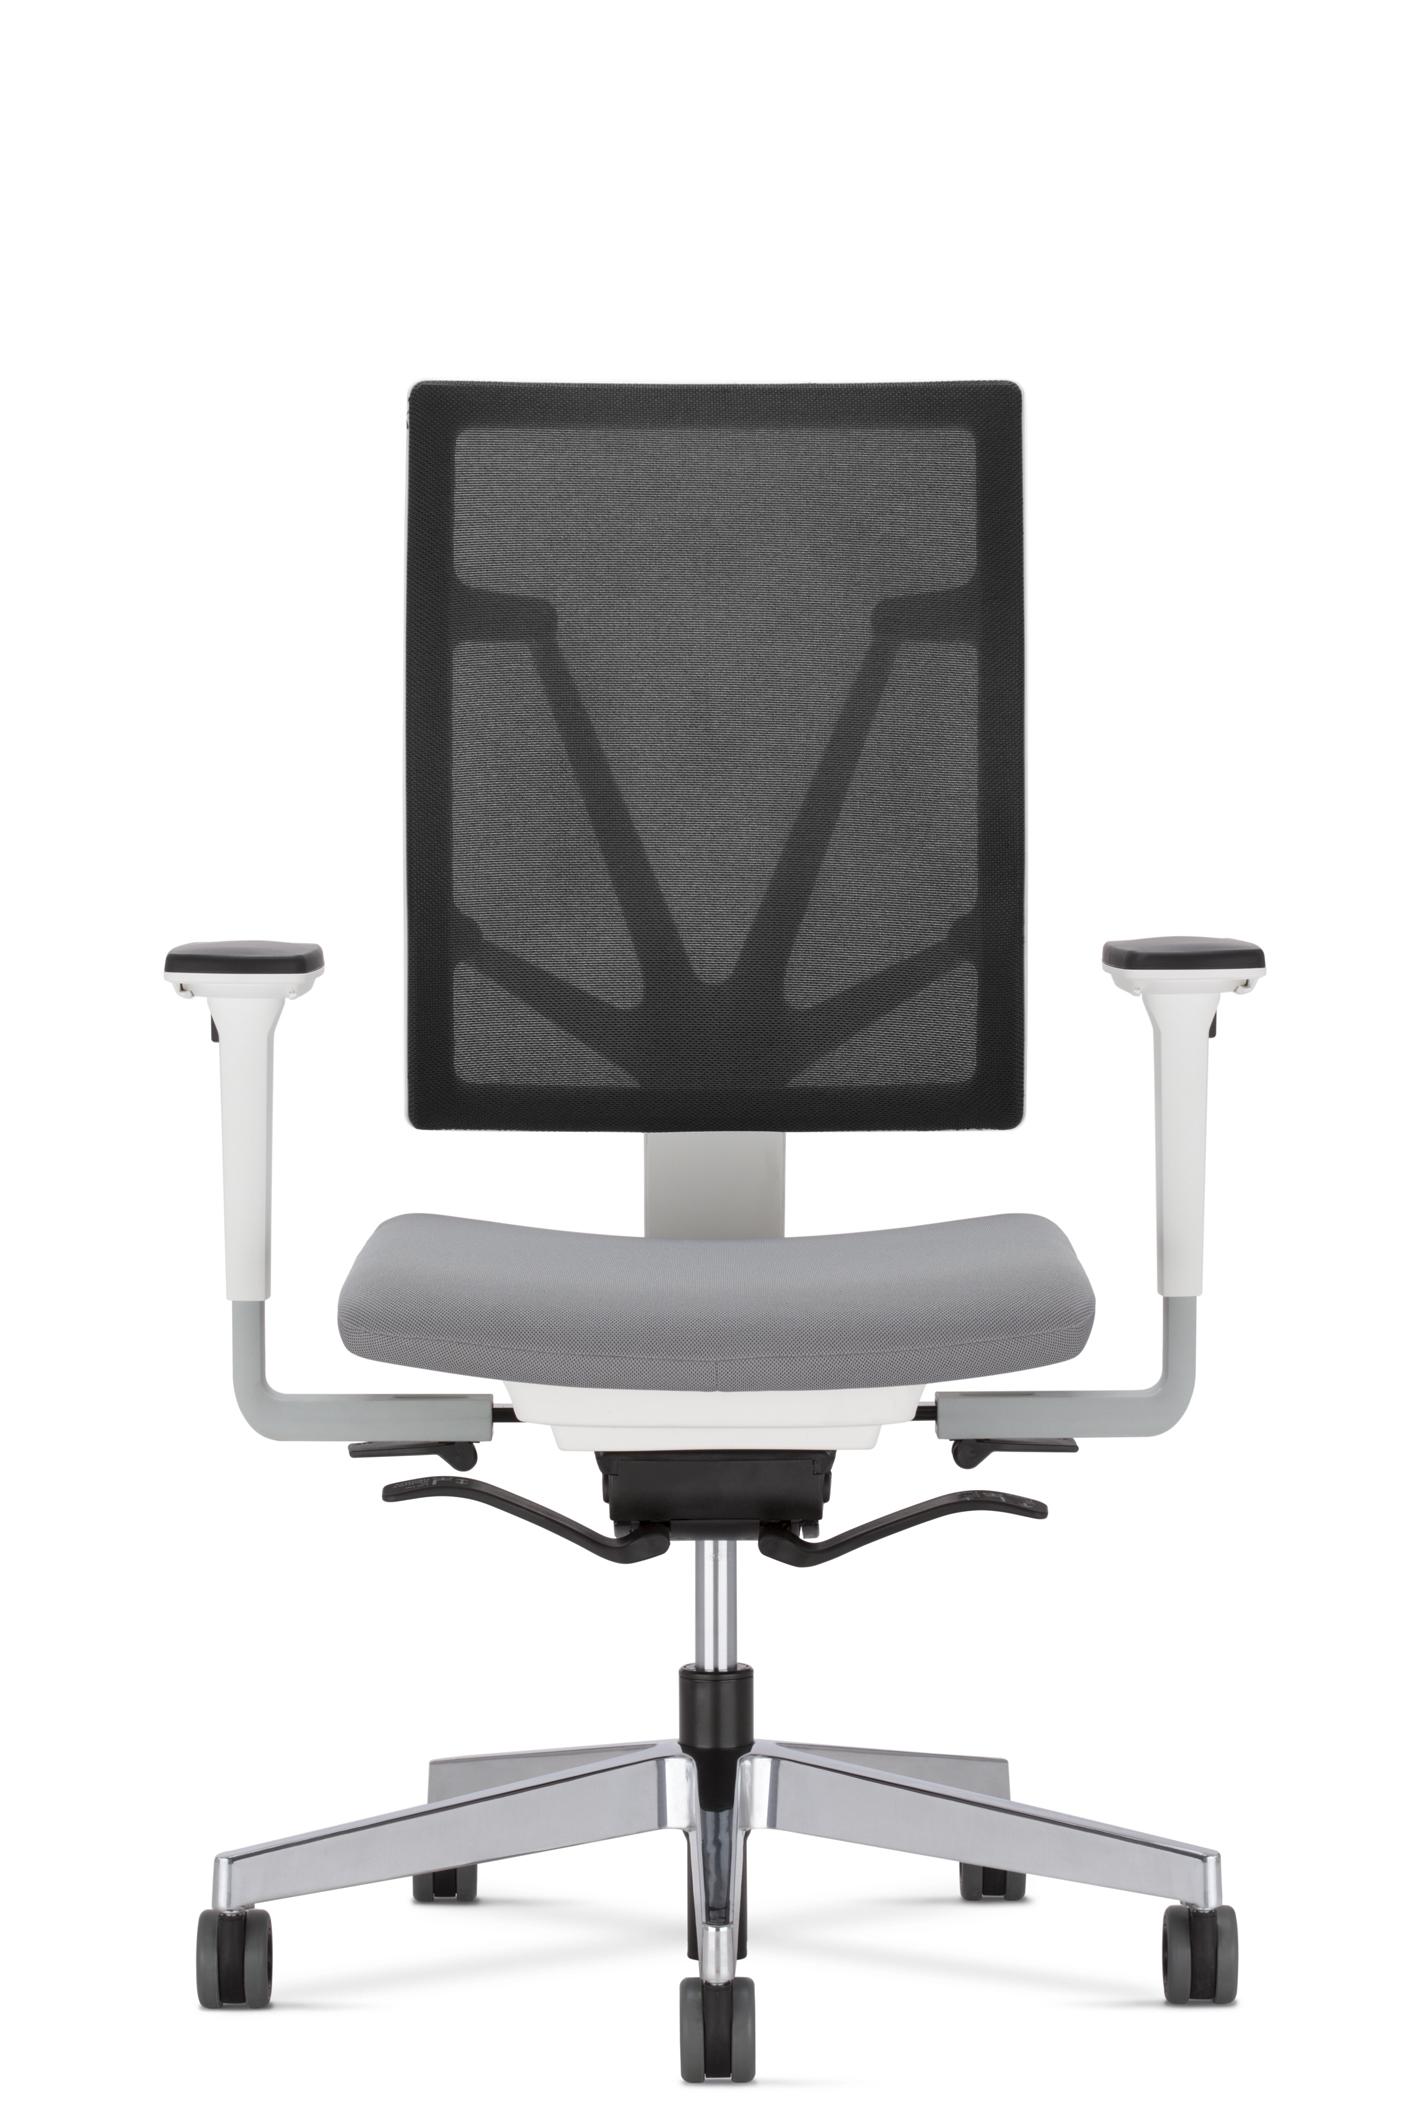 100 fauteuil design martin ballendat en chaise for Formation decoration interieur tunisie